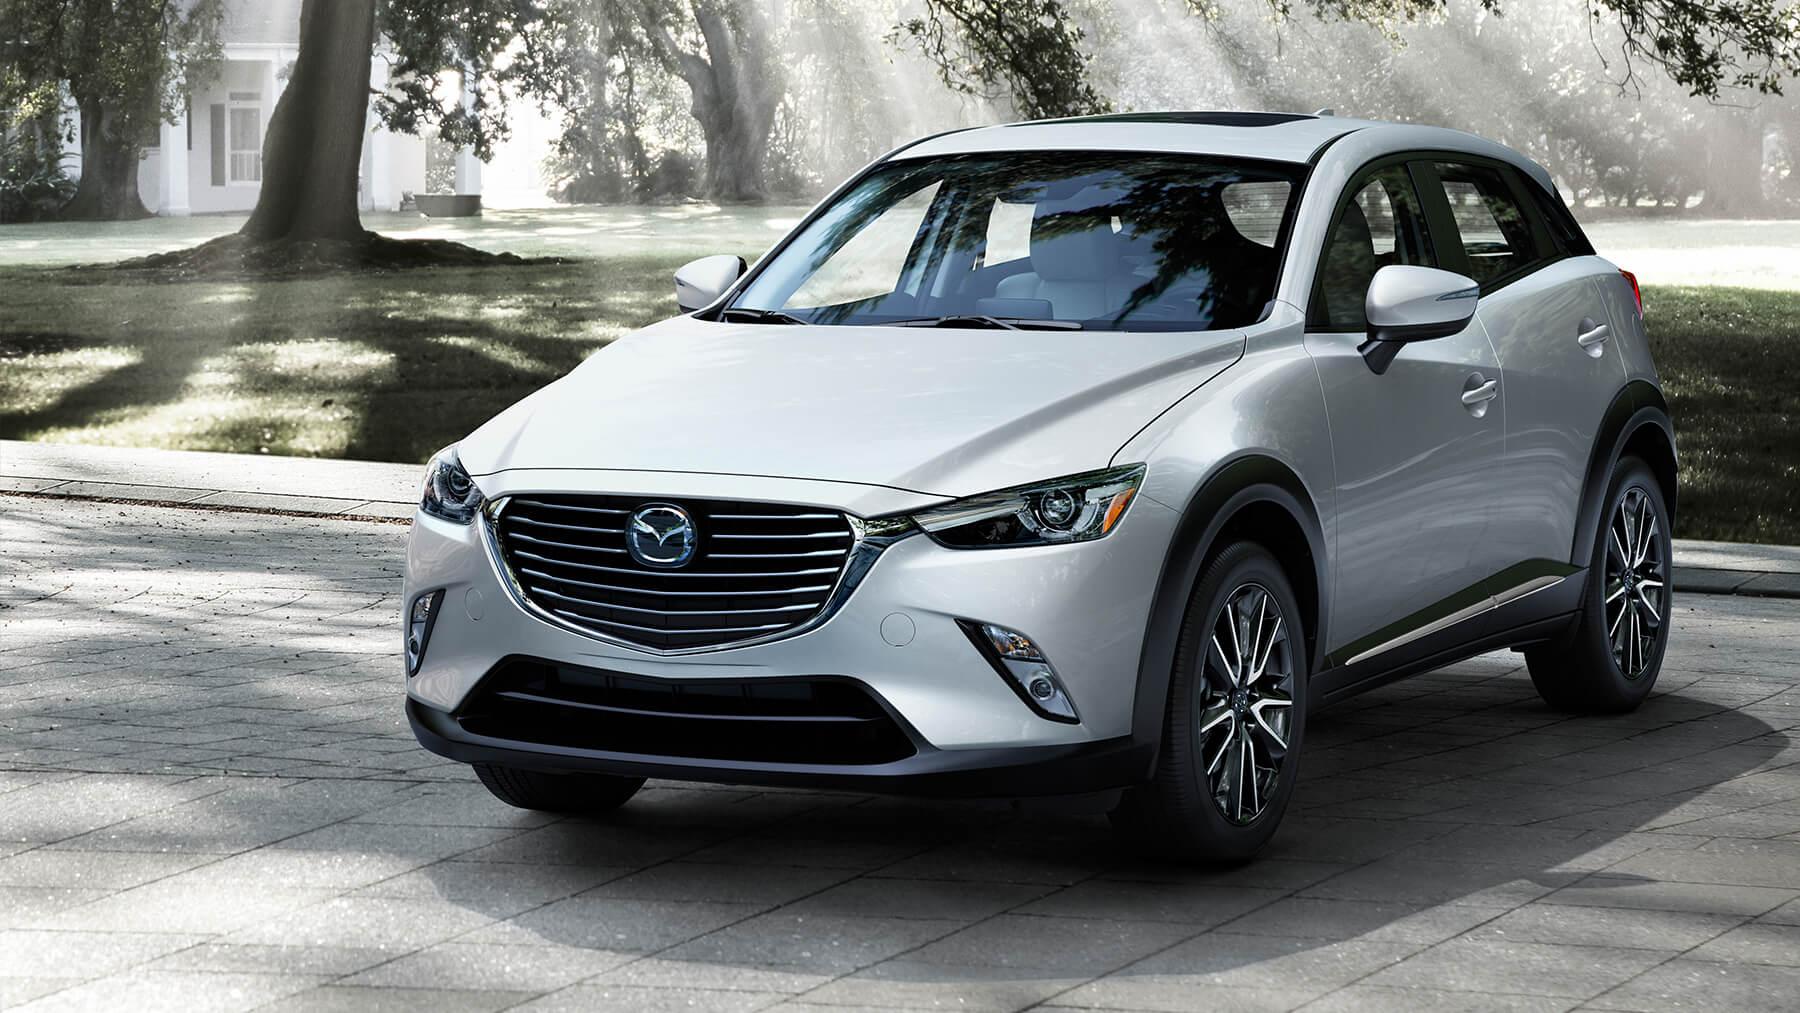 Mazda CX-3 2017, white pearl